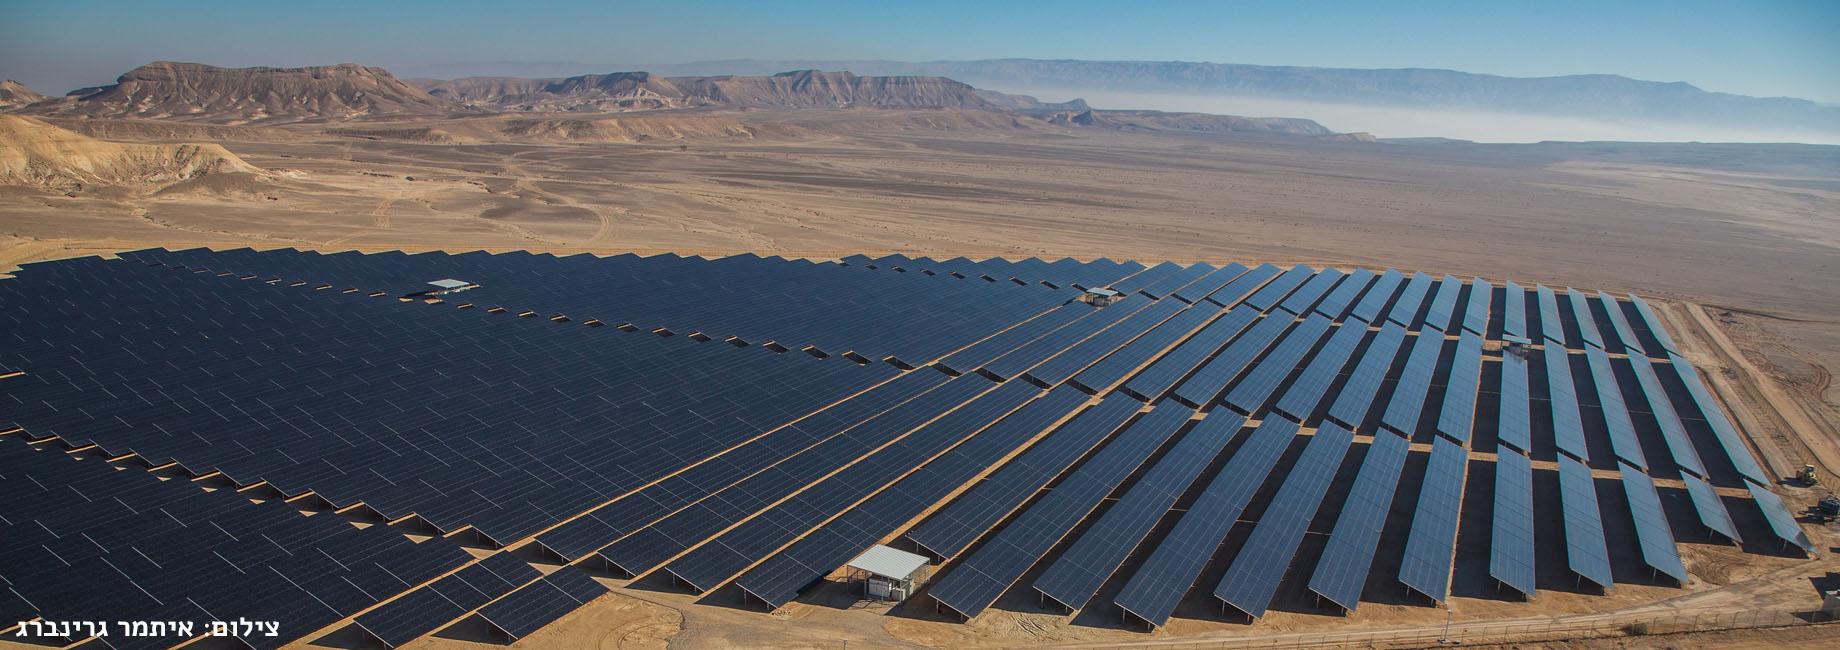 פיתוח שדות סולאריים